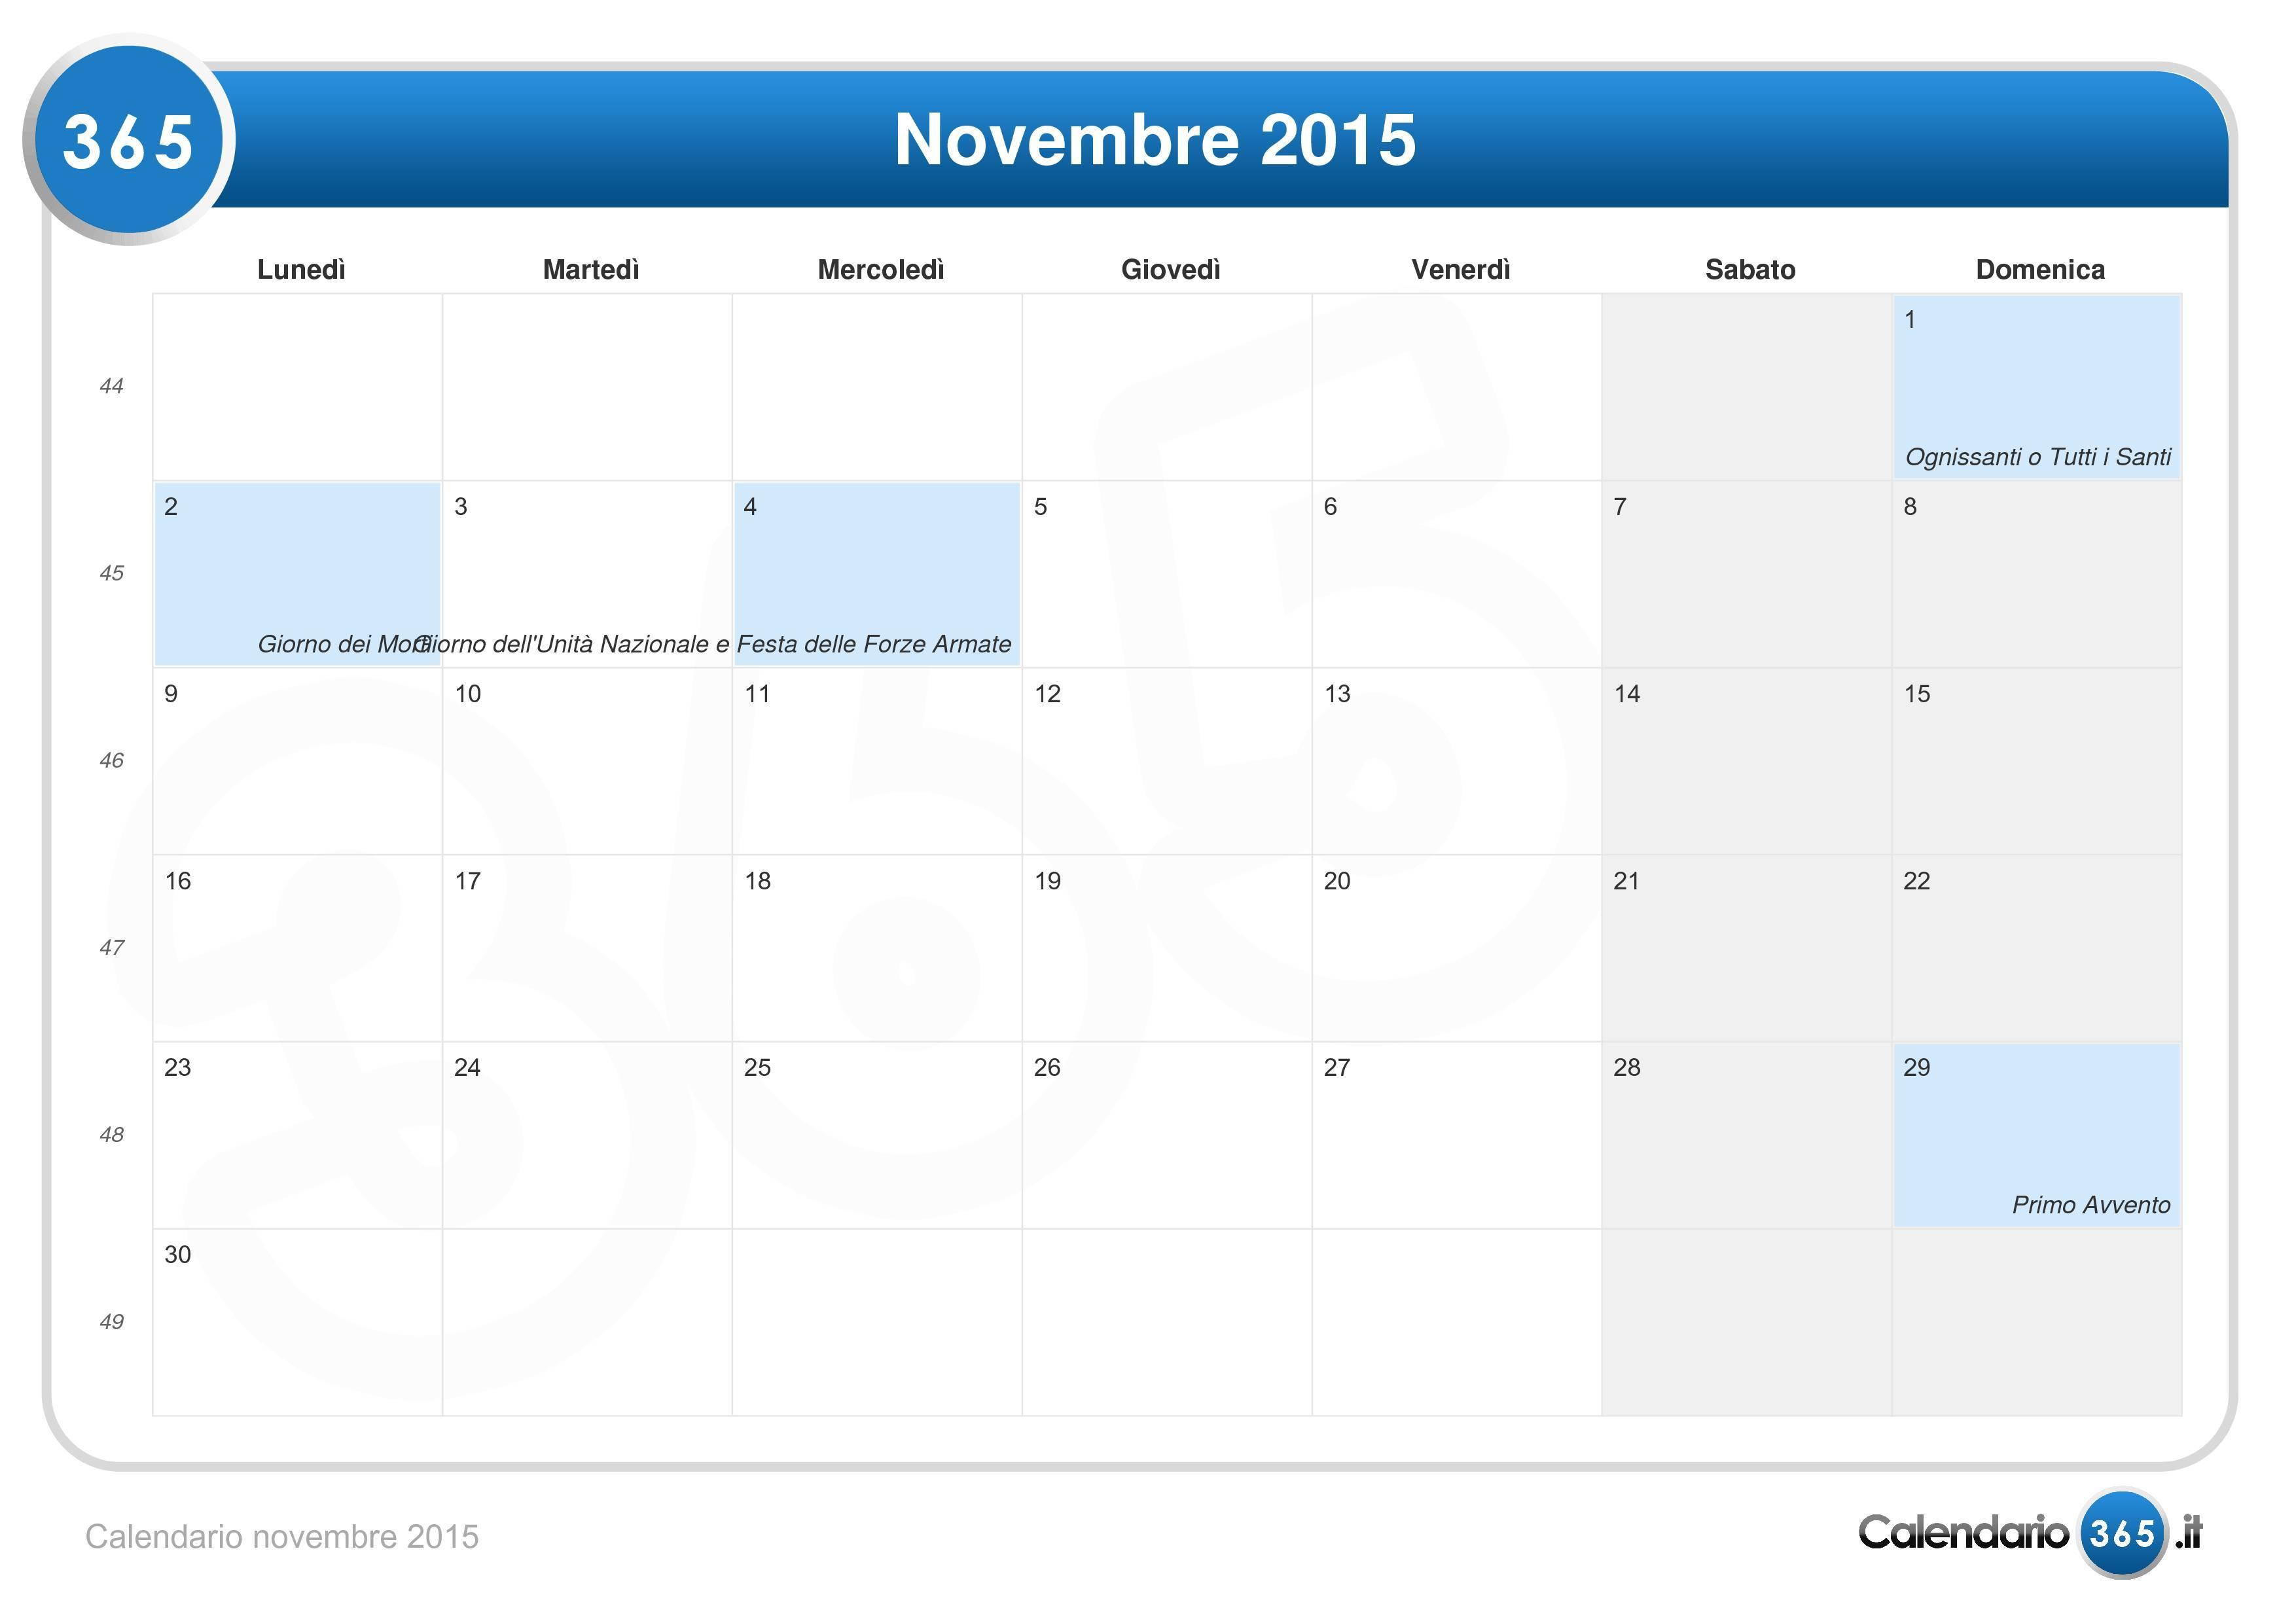 Calendario novembre 2015